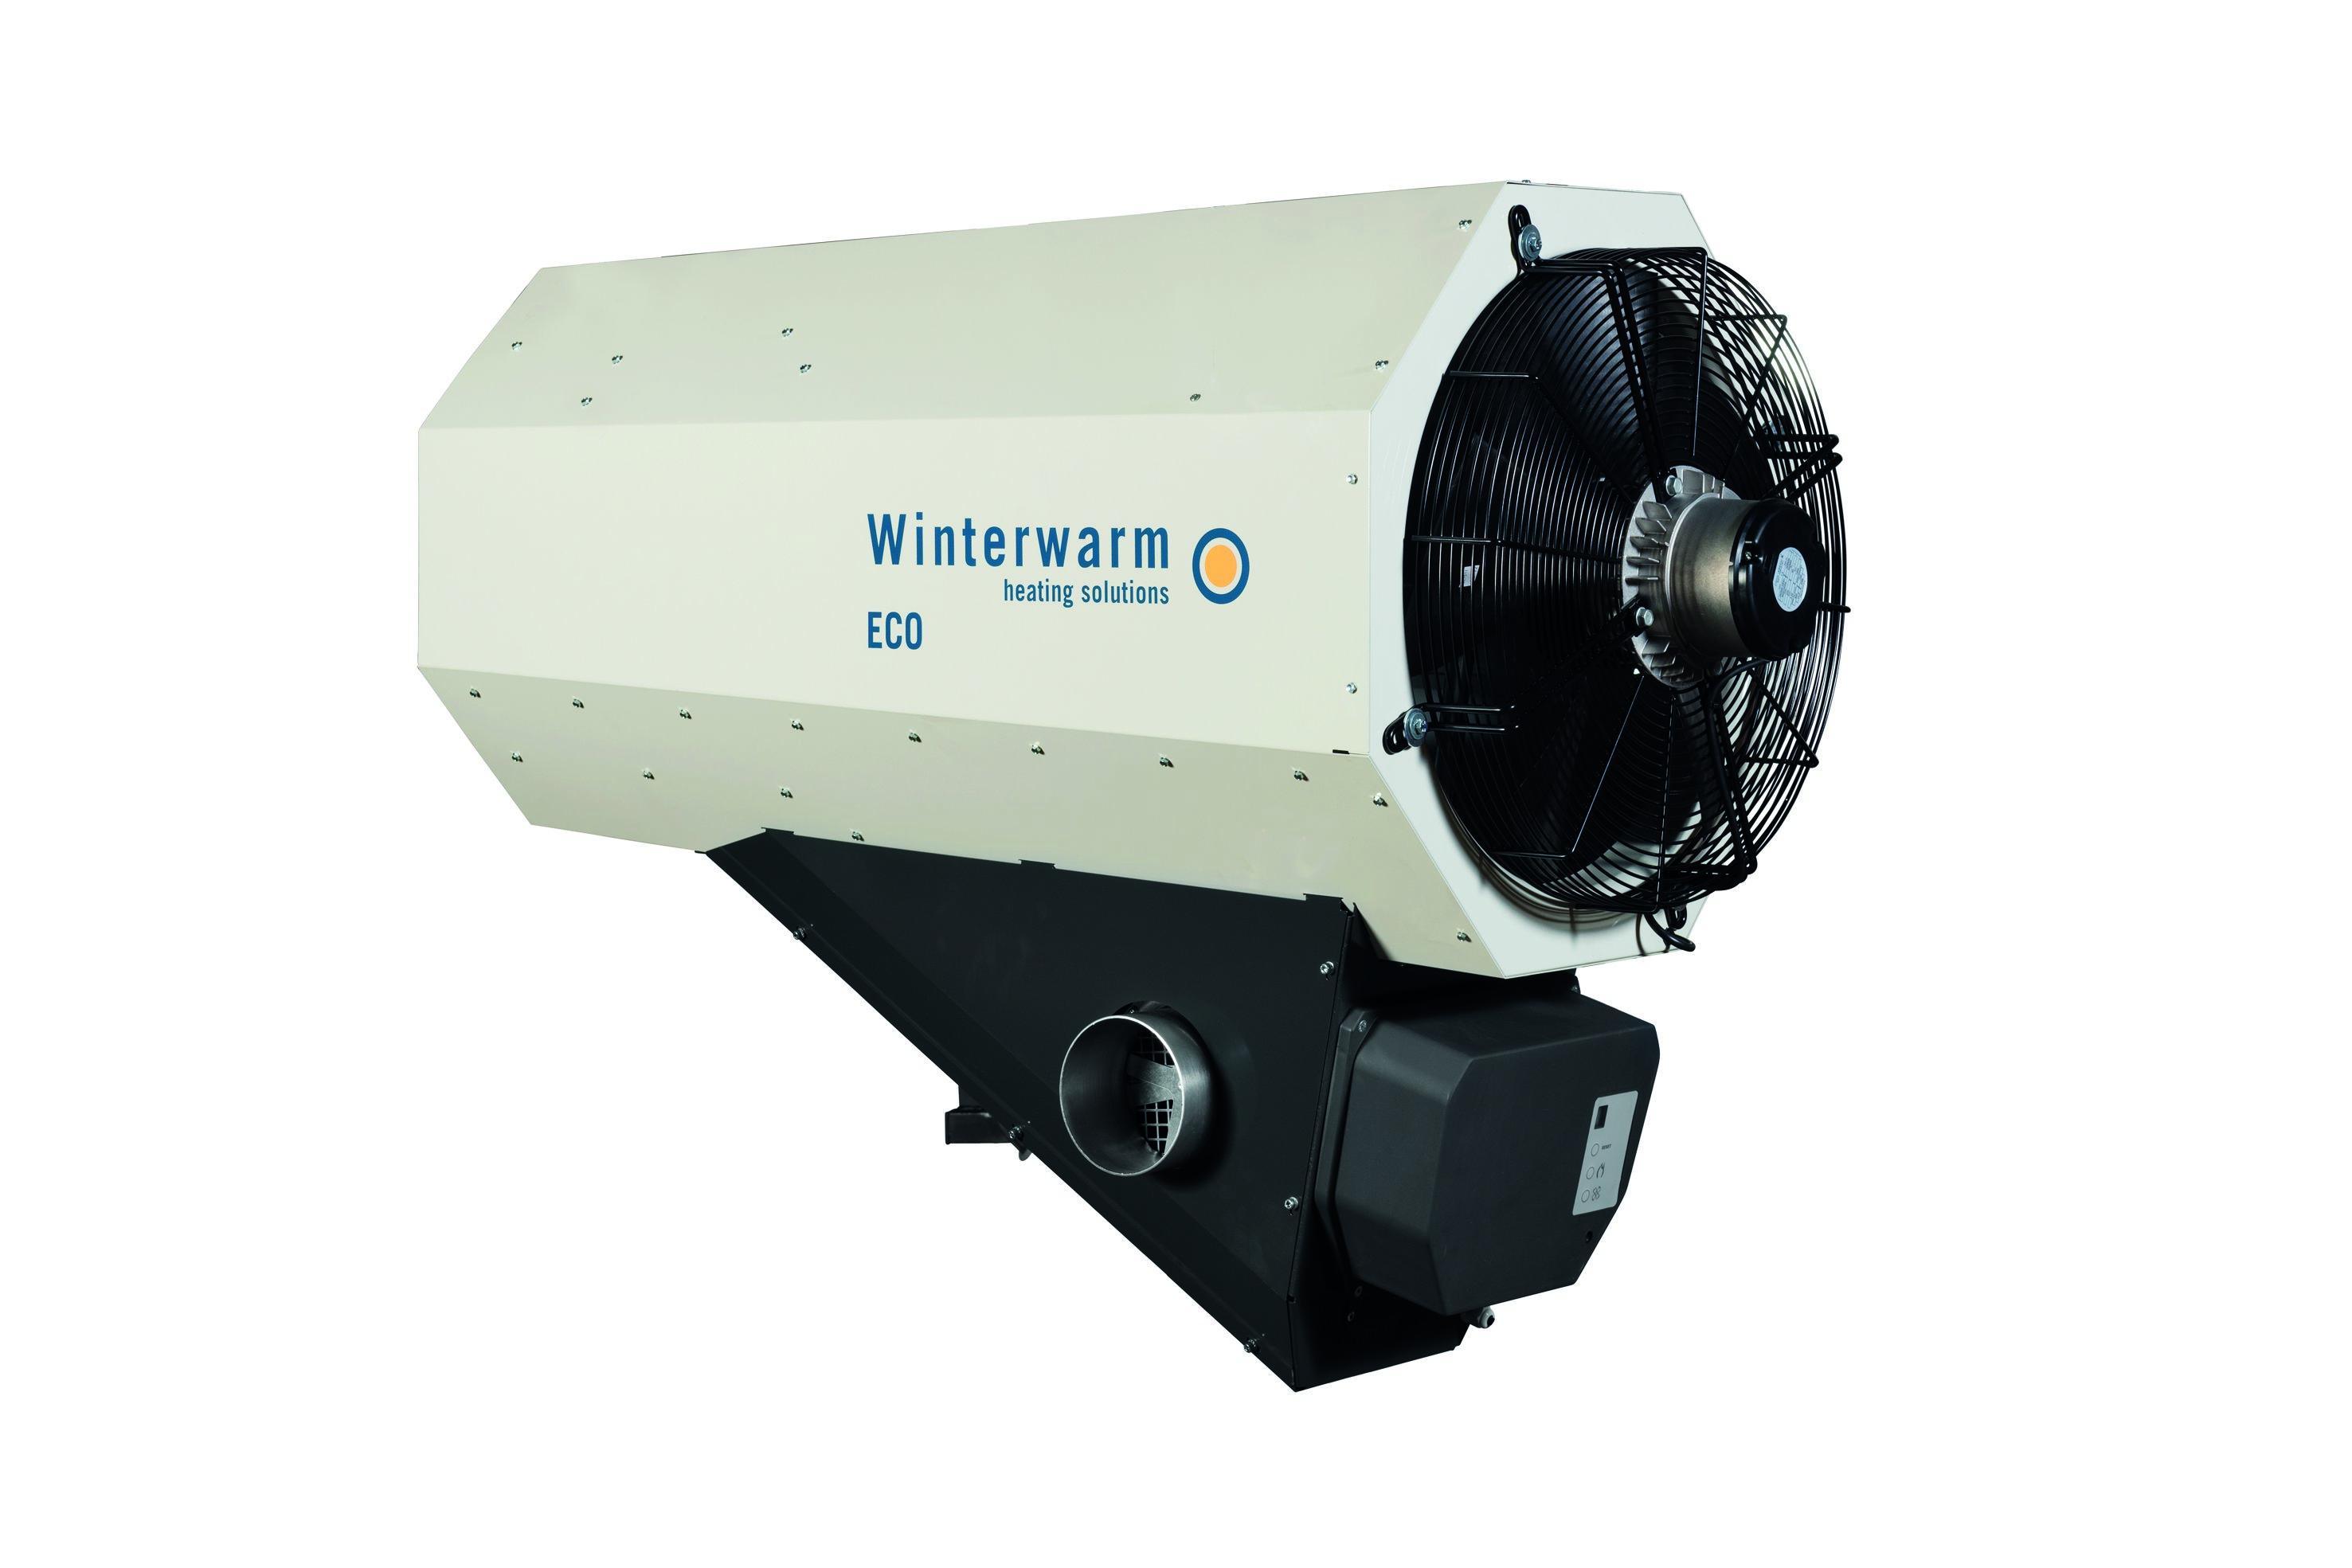 Wizualizacja nagrzewnicy gazowej agro Winterwarm ECO